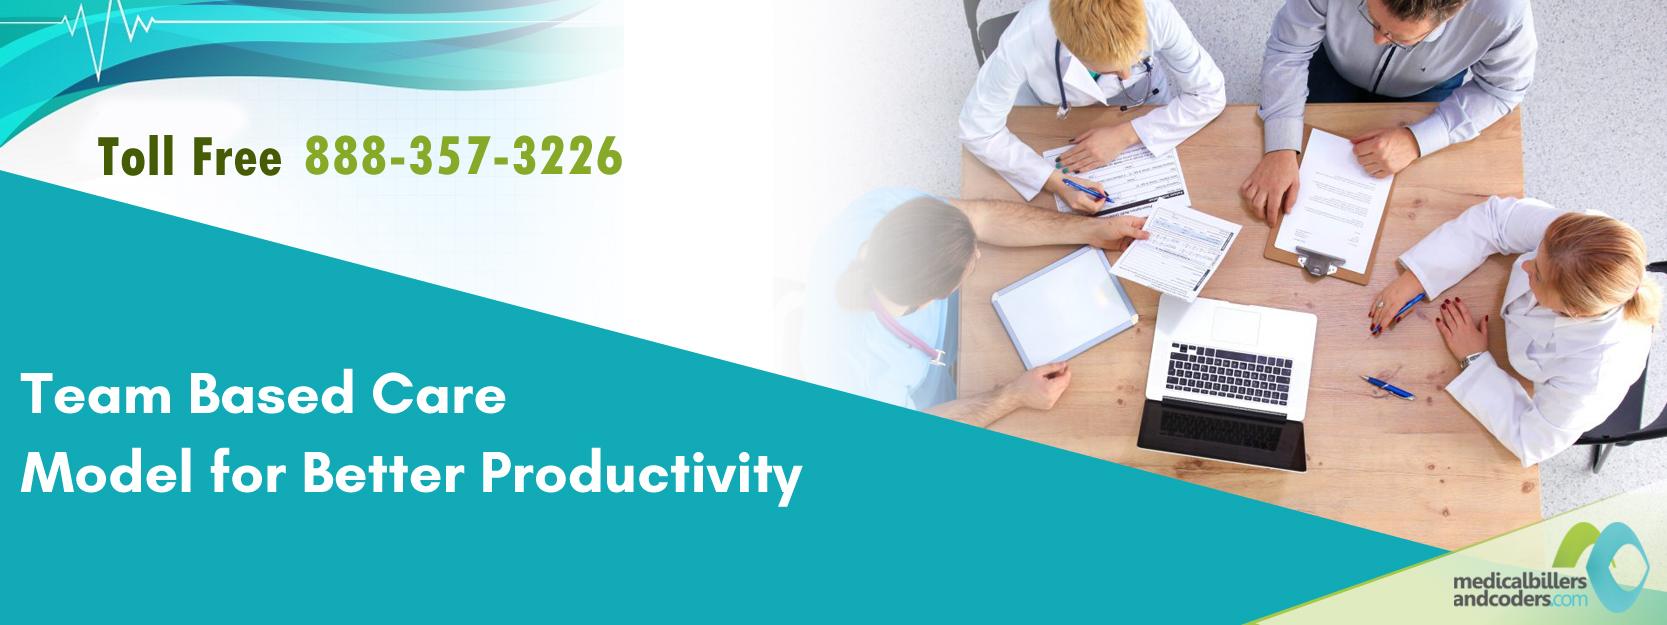 blog_team-based-care-model-for-better-productivity